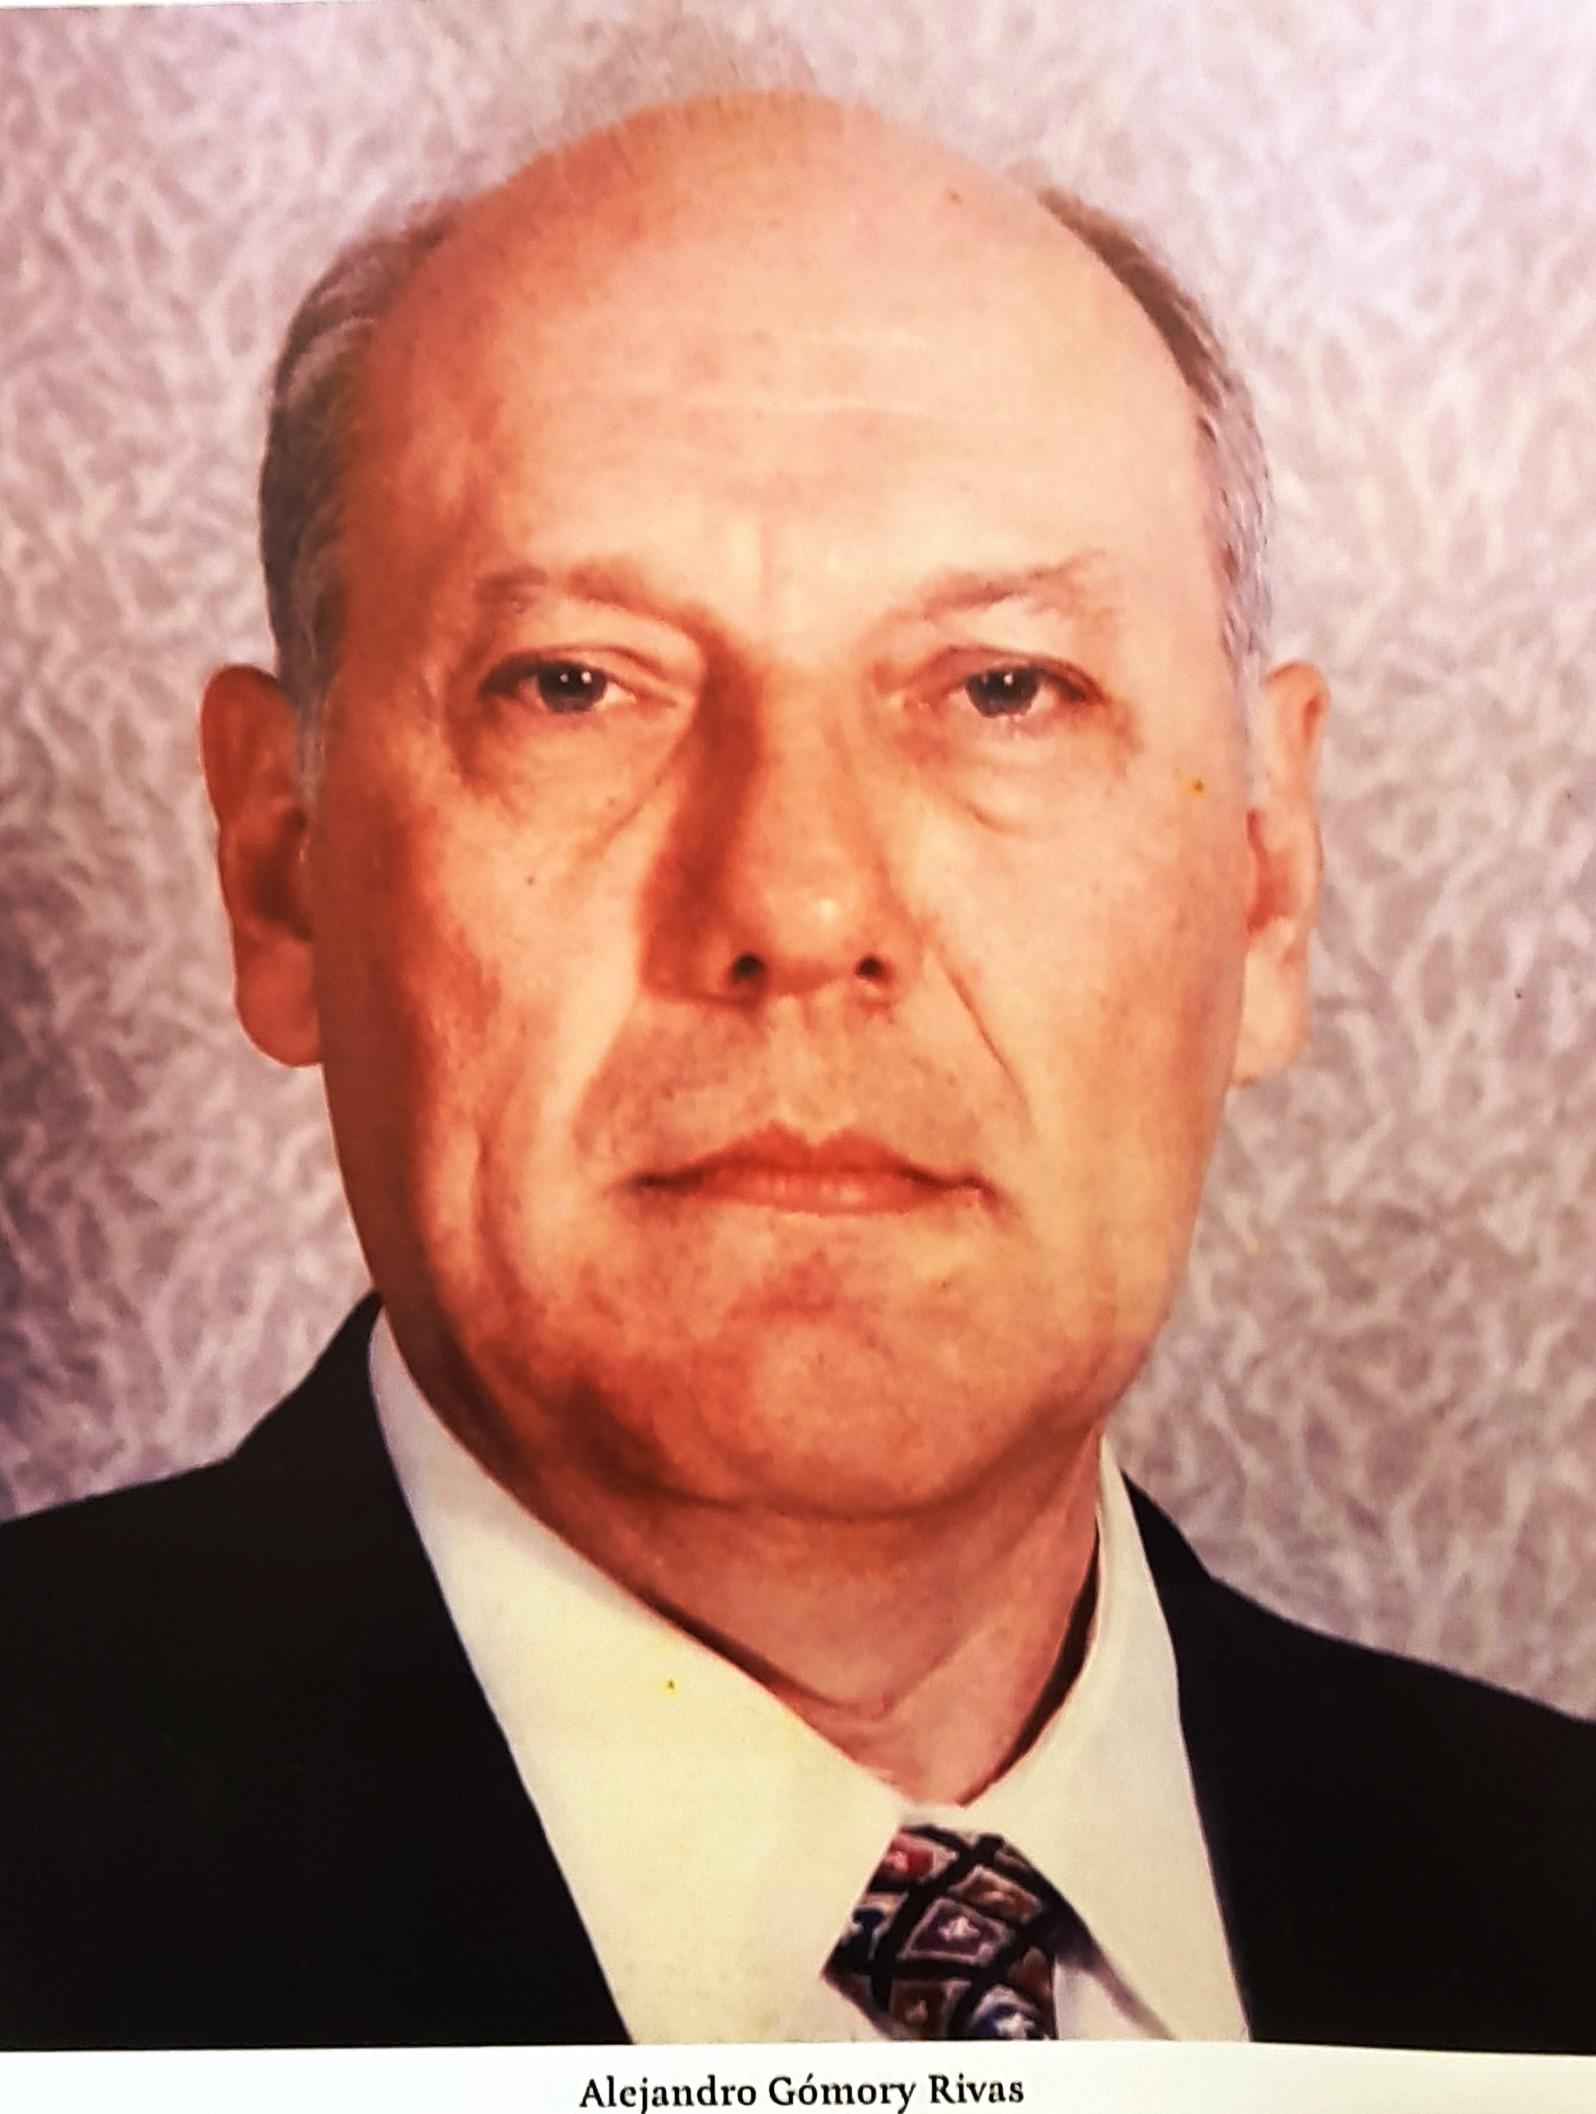 PRESIDENTE DE COPARMEX SR. ALEJANDRO GÓMORY RIVAS